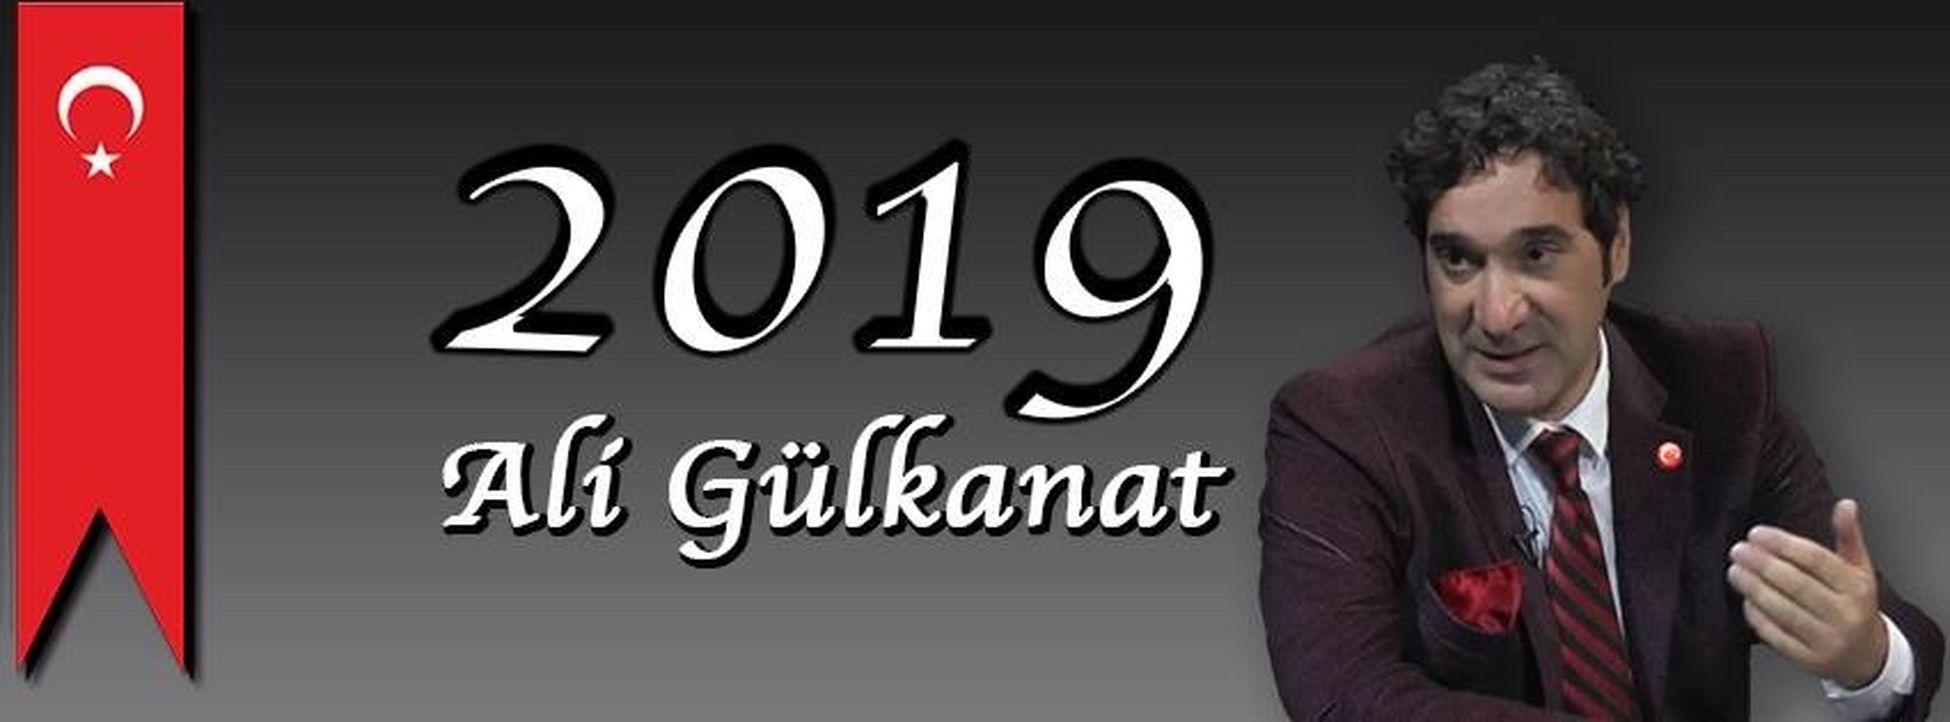 Şimdi 2019'a Hazırlık Zamanı Ali Gülkanat www.aligulkanat.com.tr Kişisel Gelişim Ali Gülkanat 2019